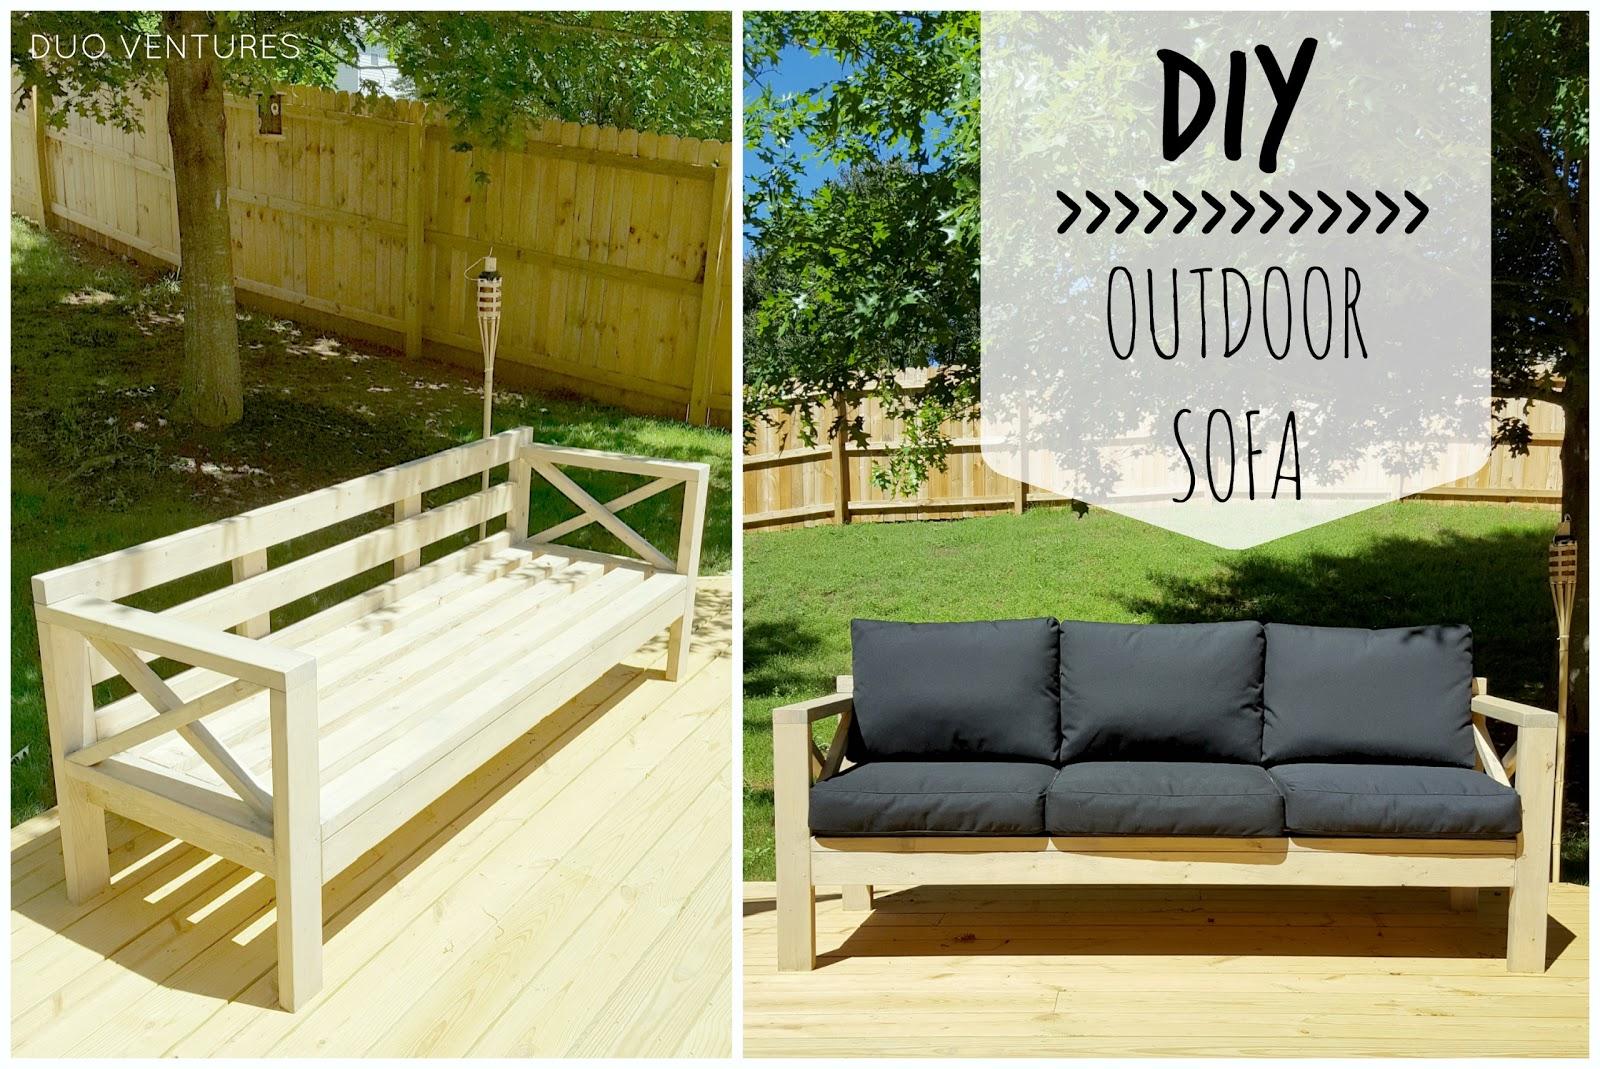 Duo Ventures: DIY Outdoor Wood Sofas